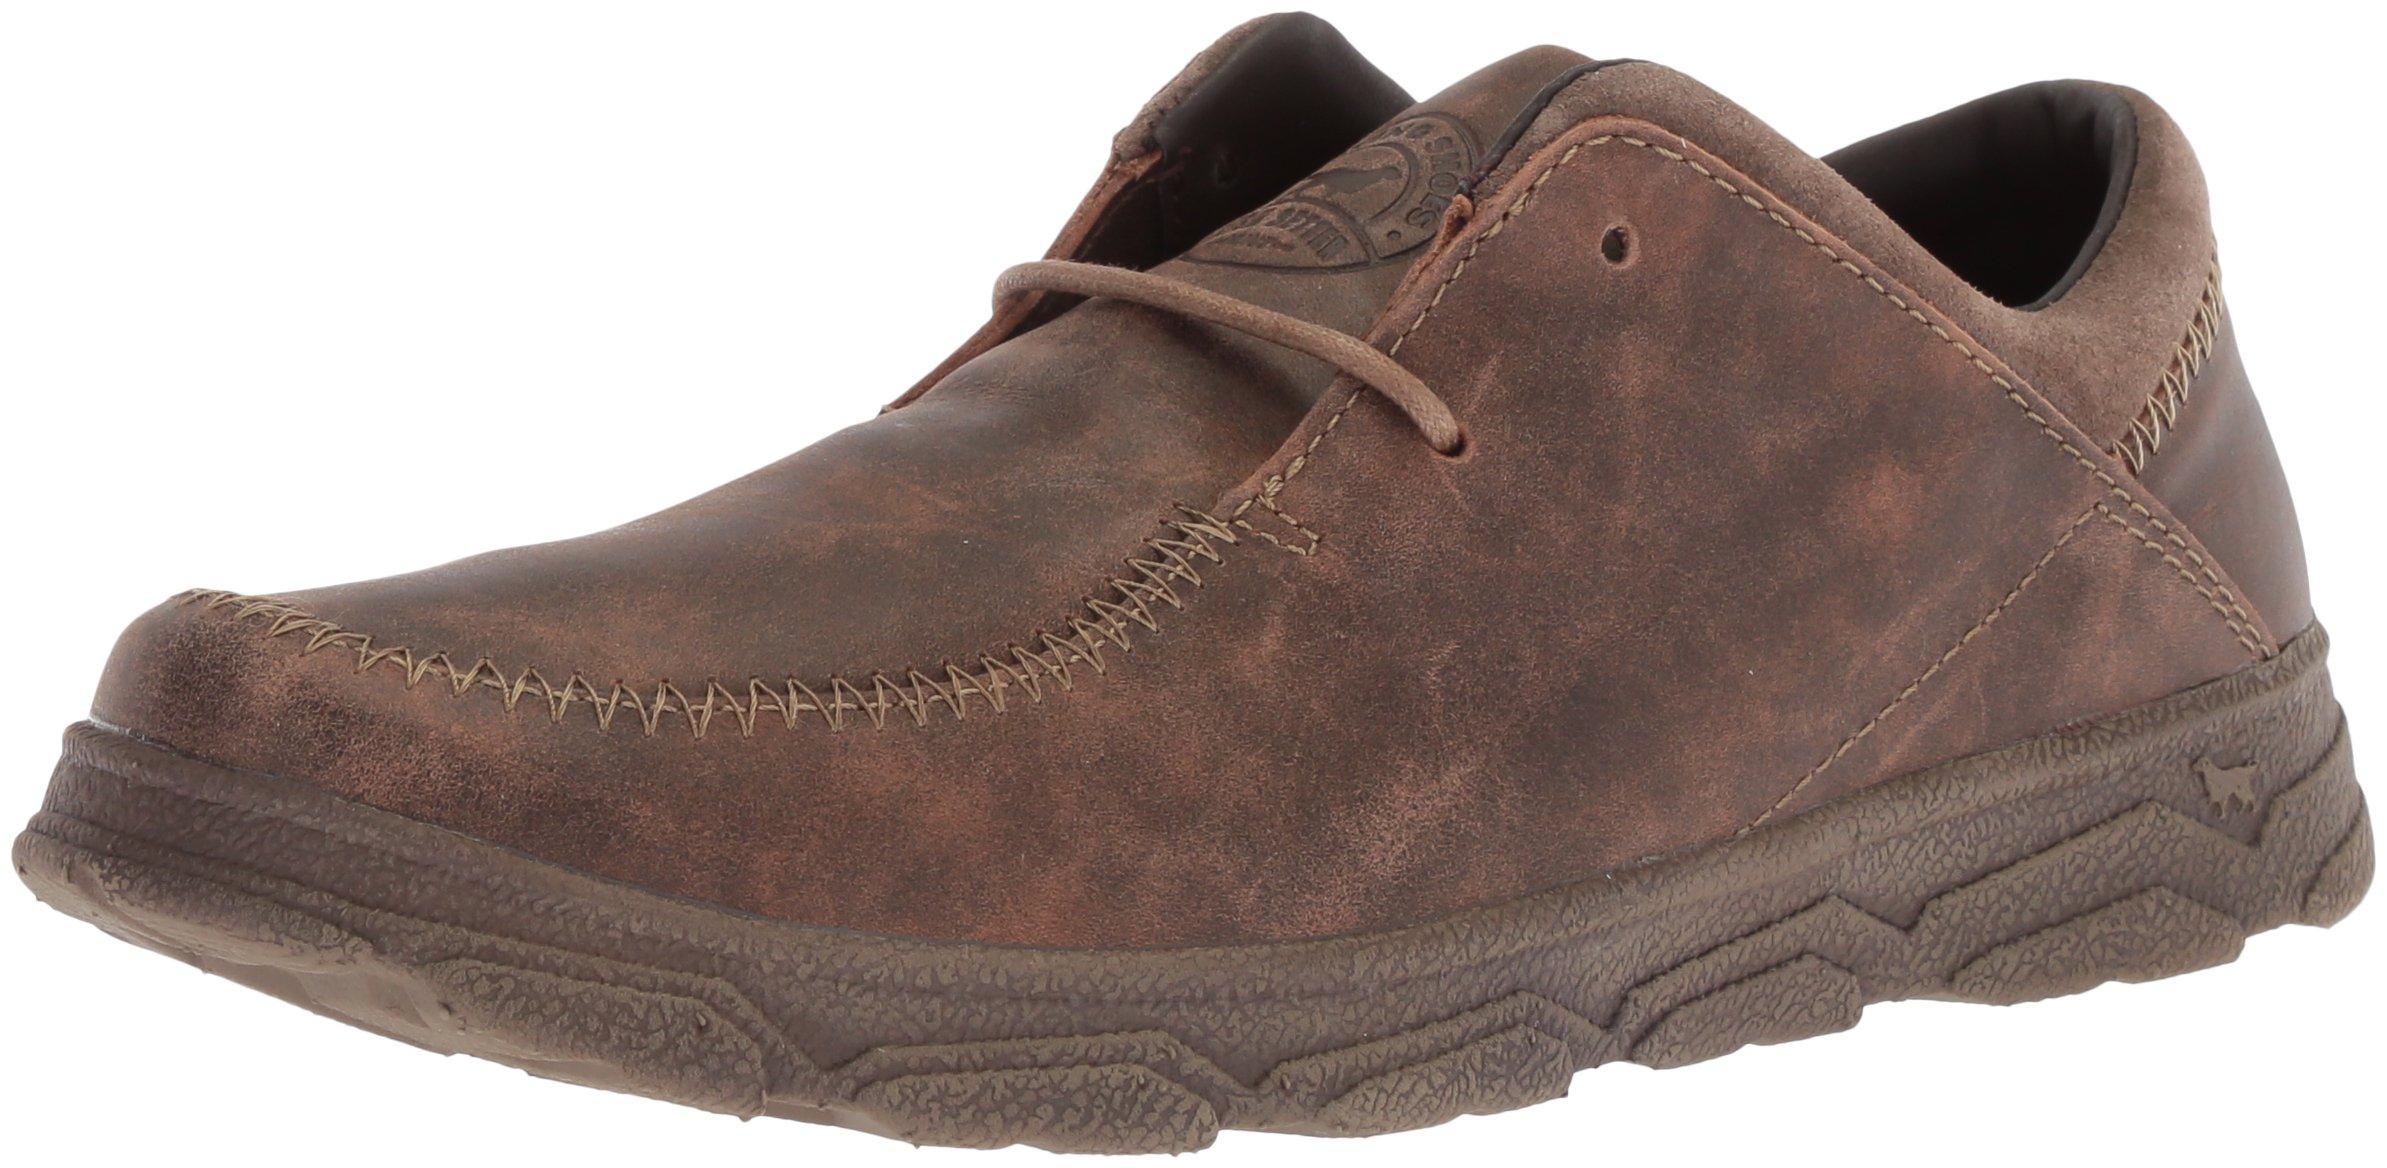 Irish Setter Men's Traveler 3806 Oxford Boot, Brown, 11 2E US